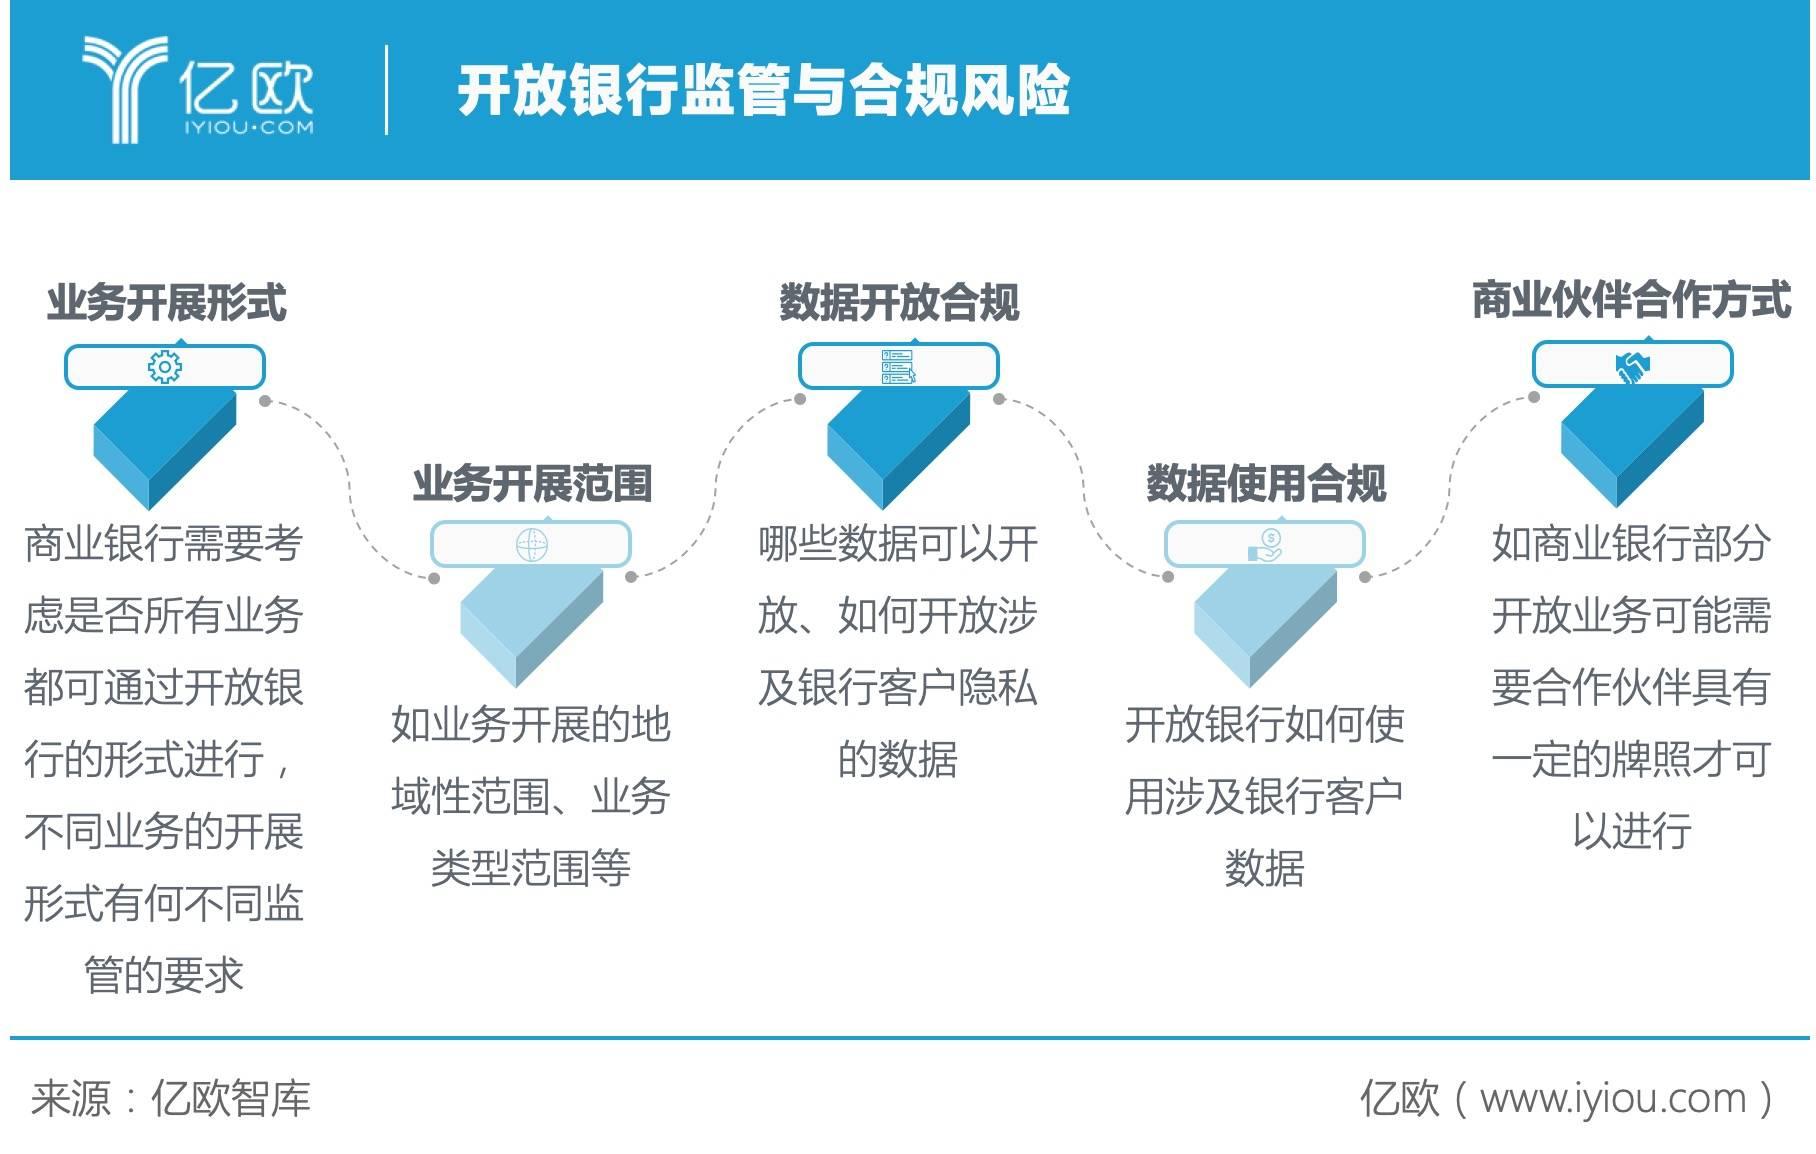 亿欧智库:开放银行监管与合规风险